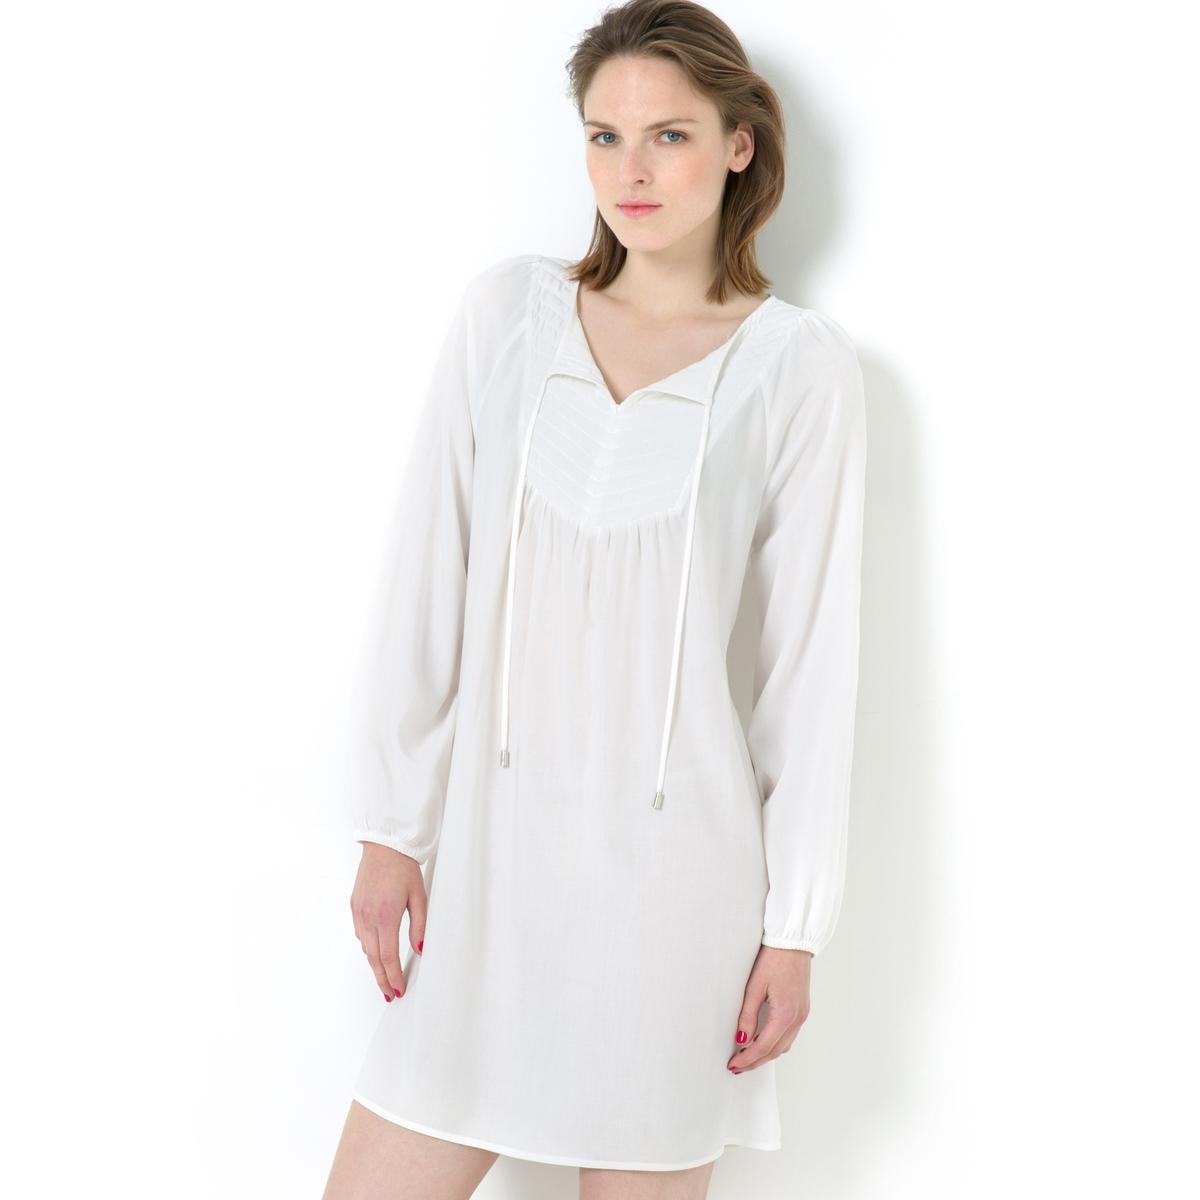 Платье с манишкойПлатье из 100% вискозы. Объемный покрой. Стёганая манишка спереди. Длинные рукава с эластичным низом. Длина: 92 см.<br><br>Цвет: экрю<br>Размер: 38 (FR) - 44 (RUS)